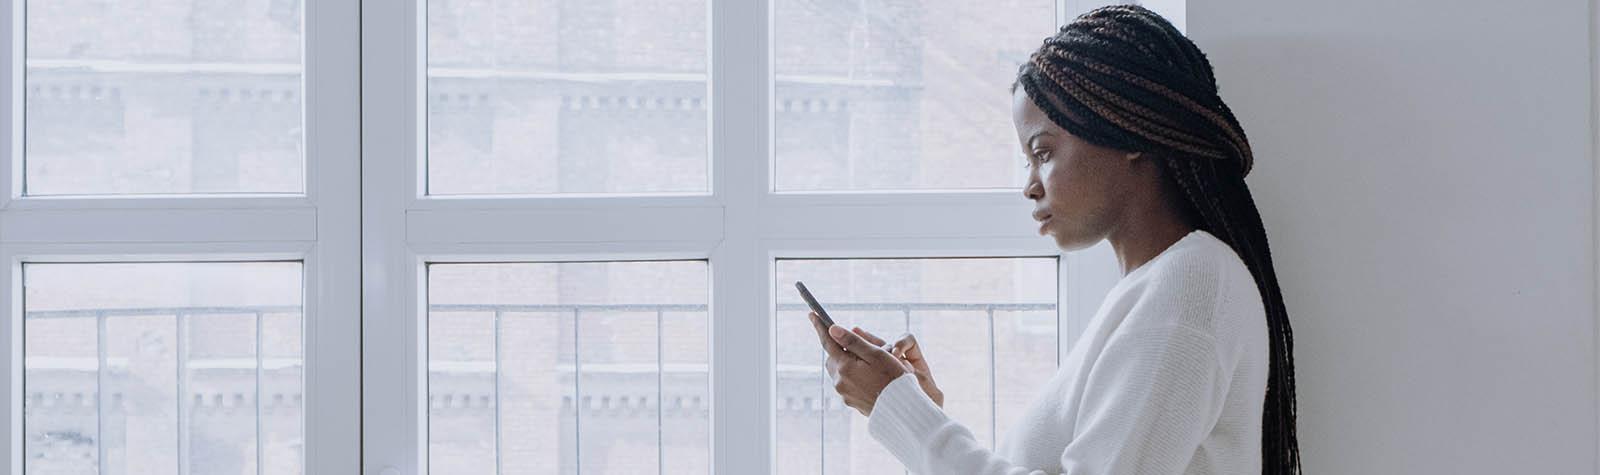 Kwetsbaarheden gevonden in iOS en iPadOS. Wat kun je doen?